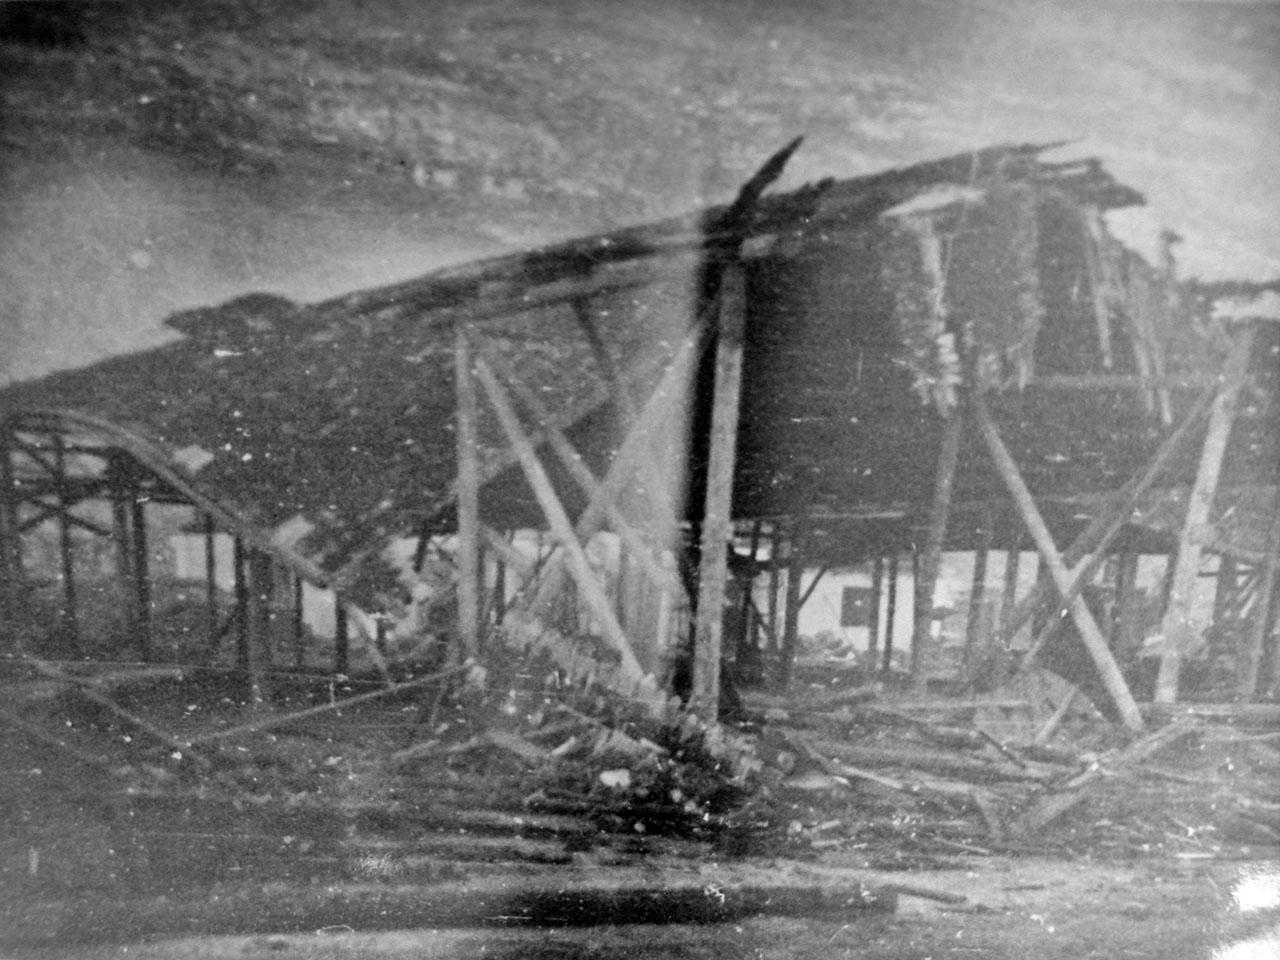 Разрушенный взрывной волной склад. Магаданский торговый порт. Последствия взрывов пароходов 19 декабря 1947 года.